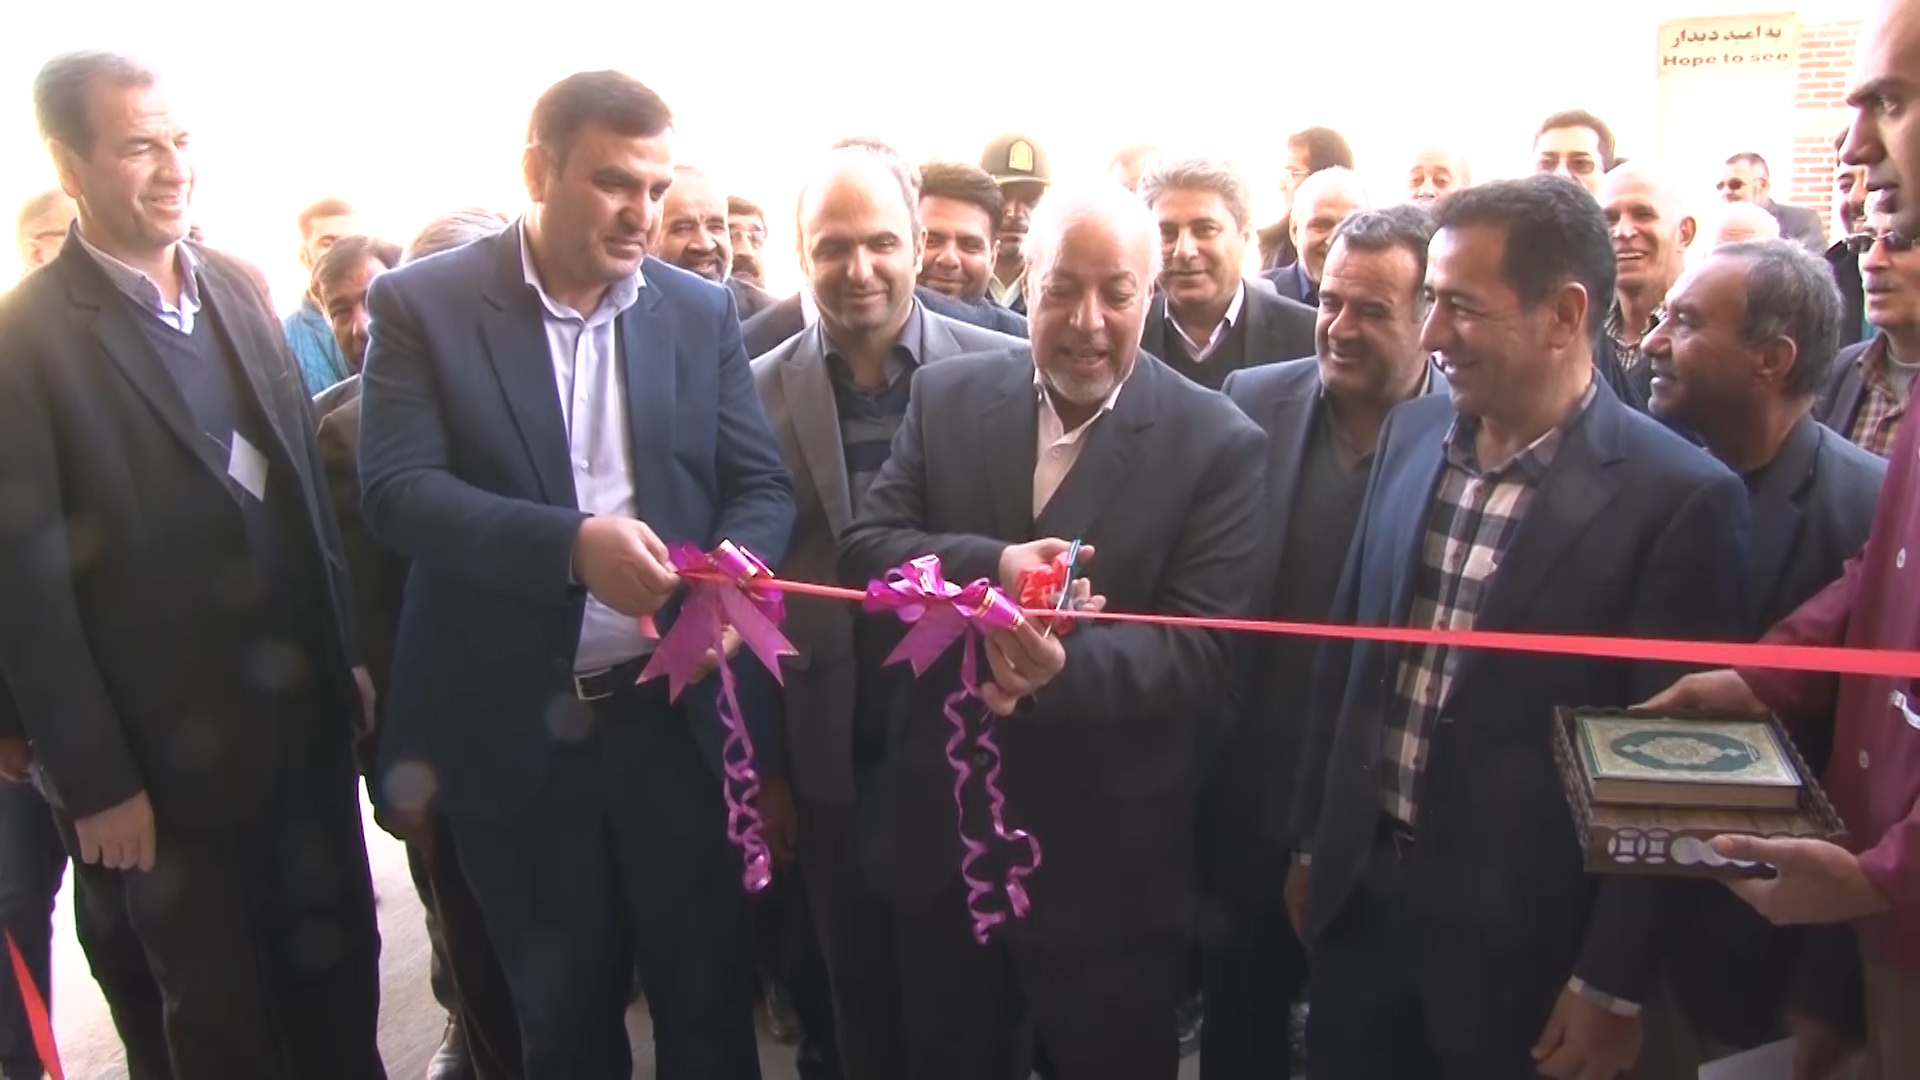 افتتاح ۱۱۰ میلیارد پروژه در نجف آباد به مناسبت دهه فجر